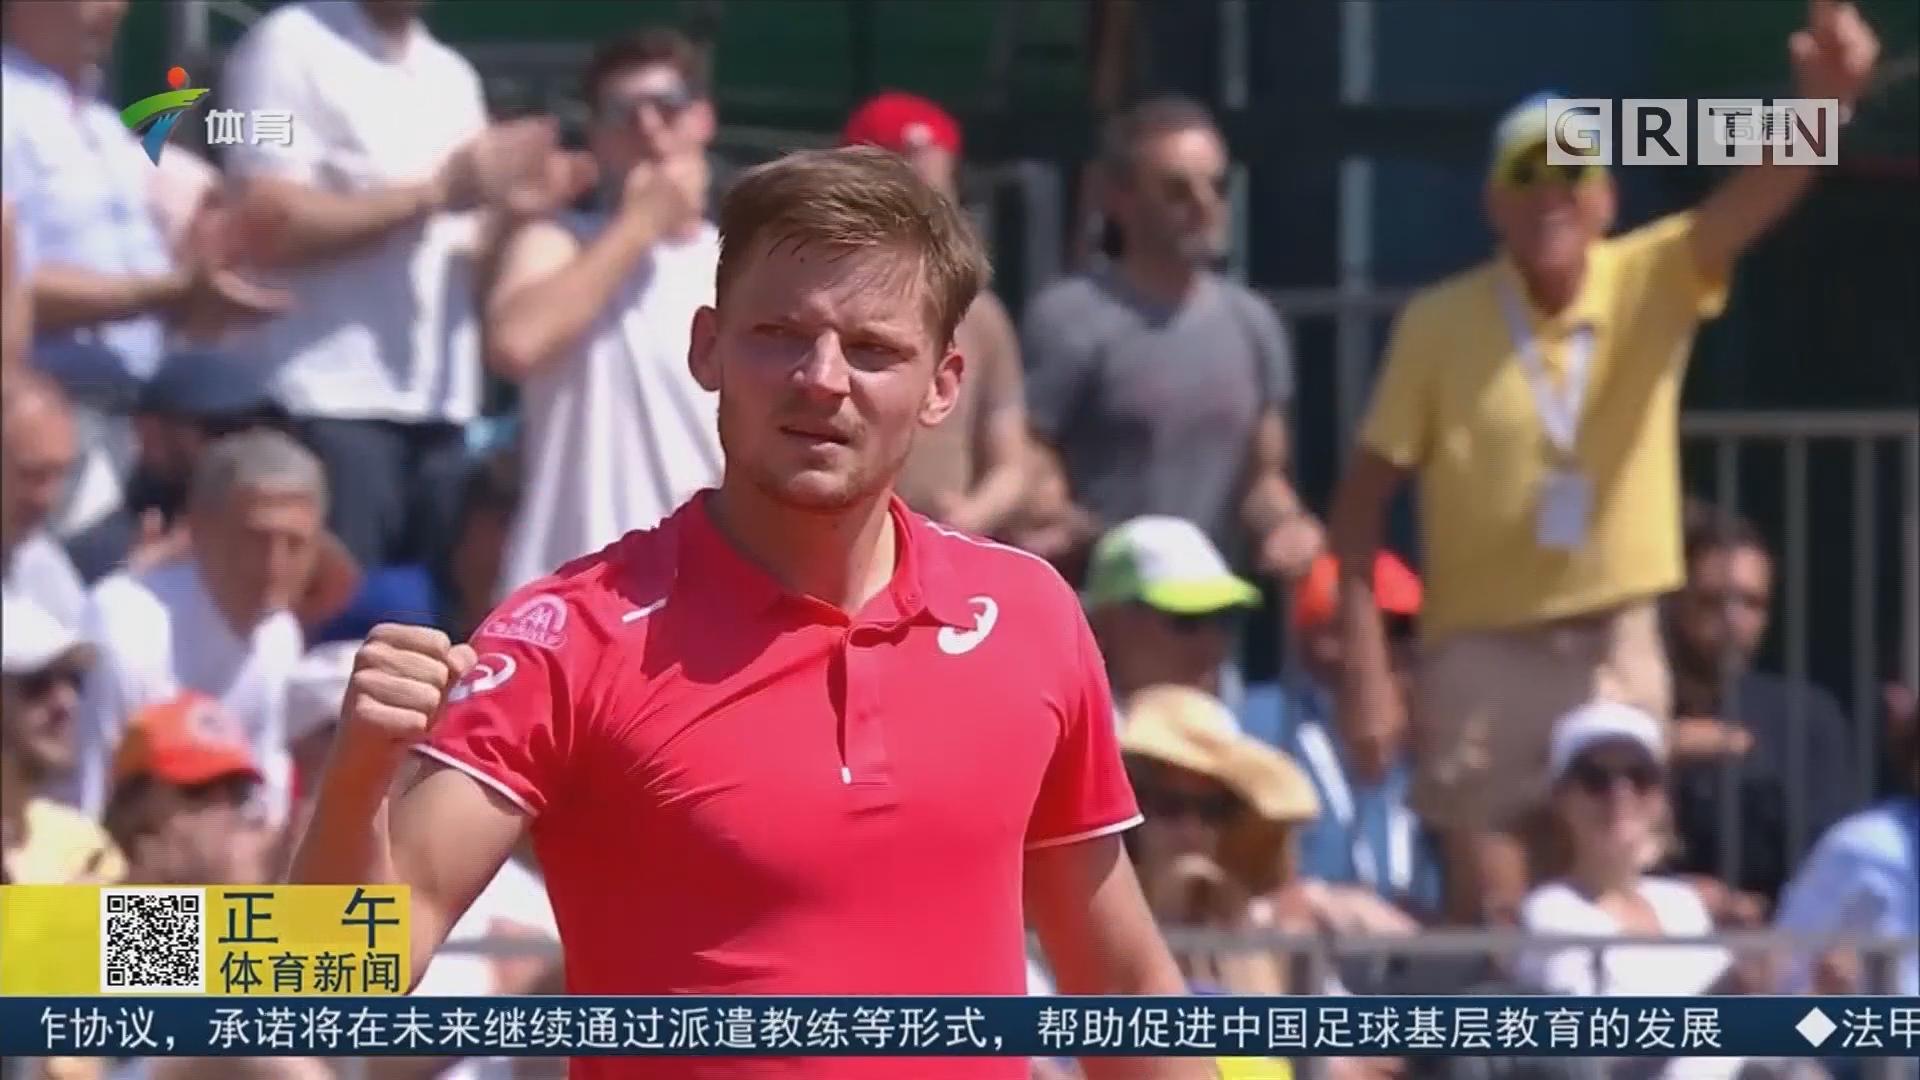 ATP蒙塔卡洛大师赛 多名种子选手顺利挺进八强